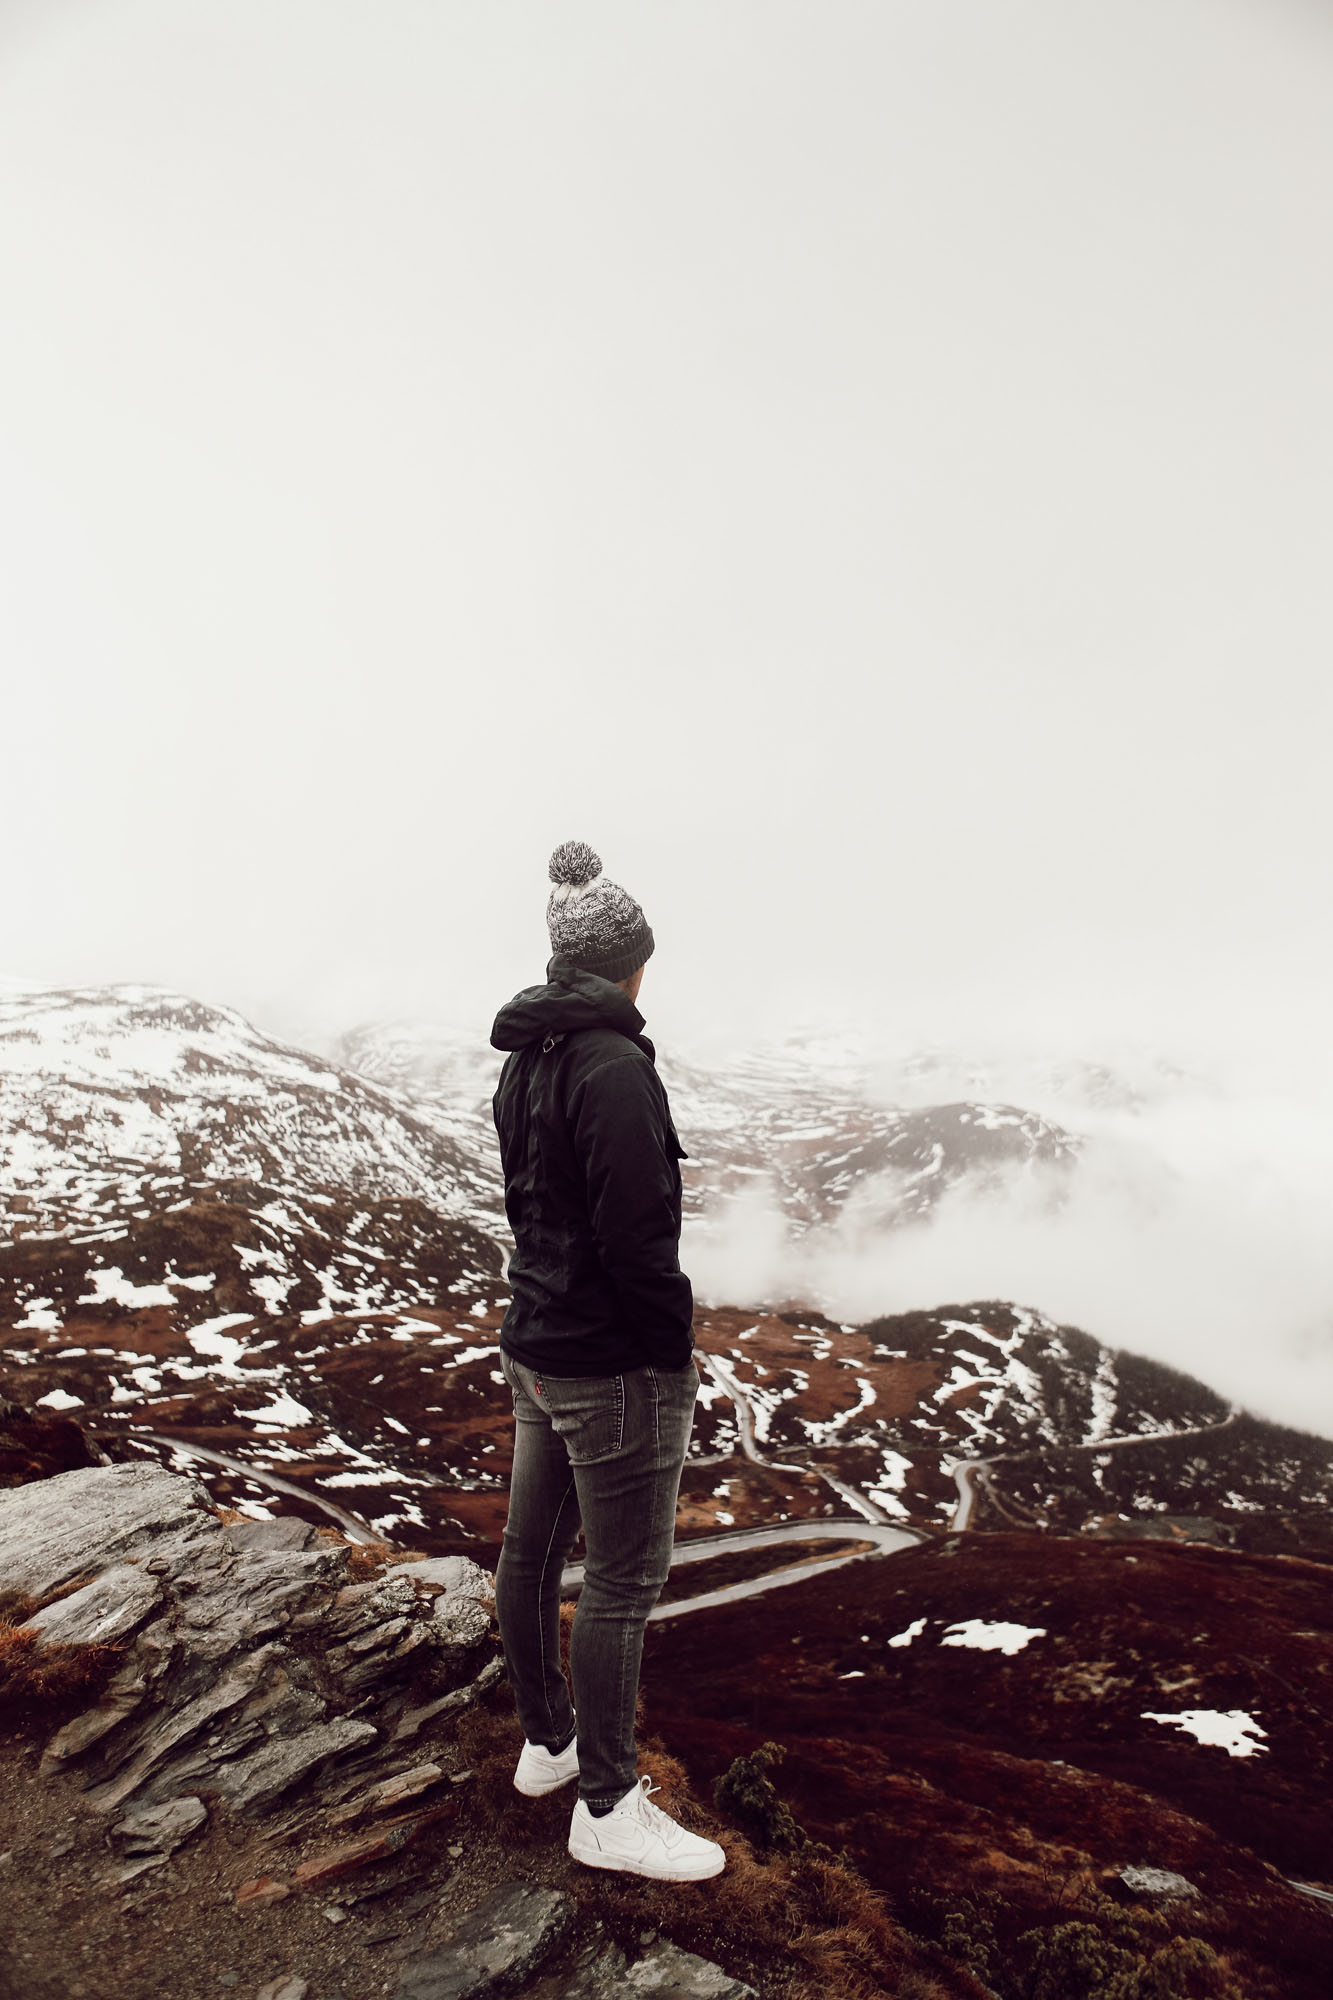 route-panoramique-sognfjellet-norvege